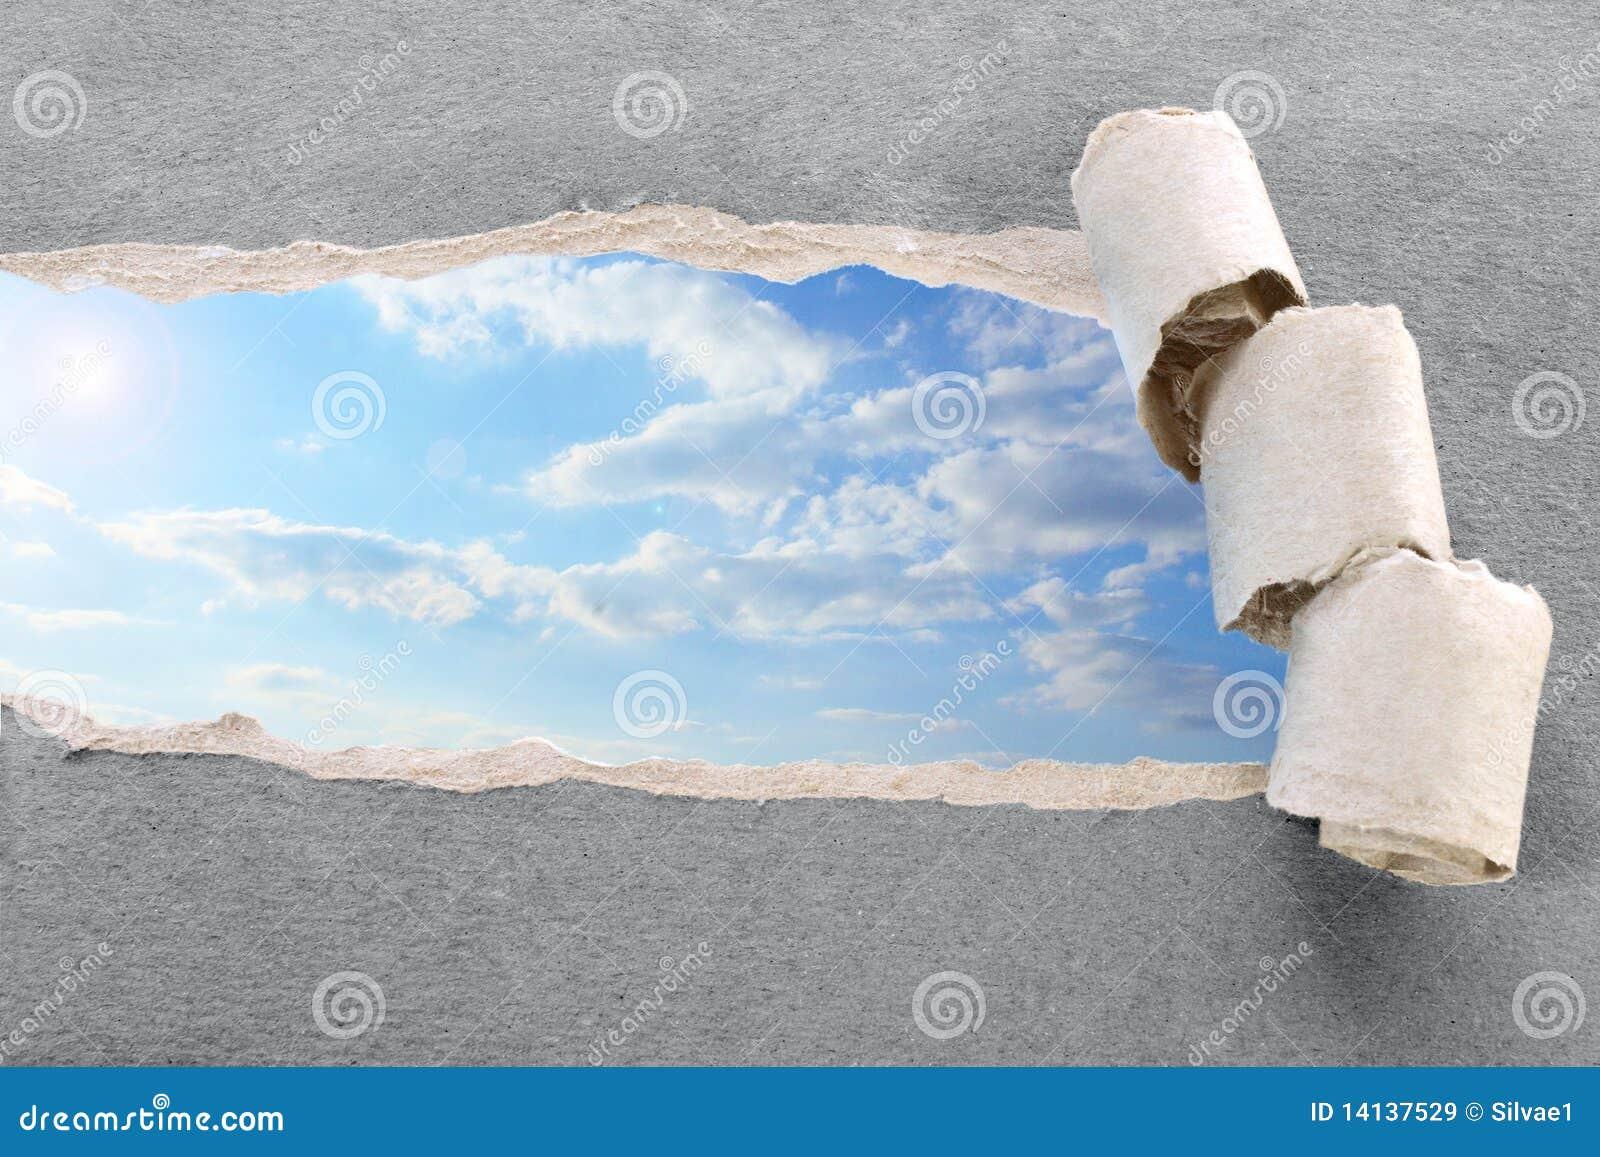 Zerrissenes Papier Und Himmel Stockbild - Bild von probe, bild: 14137529